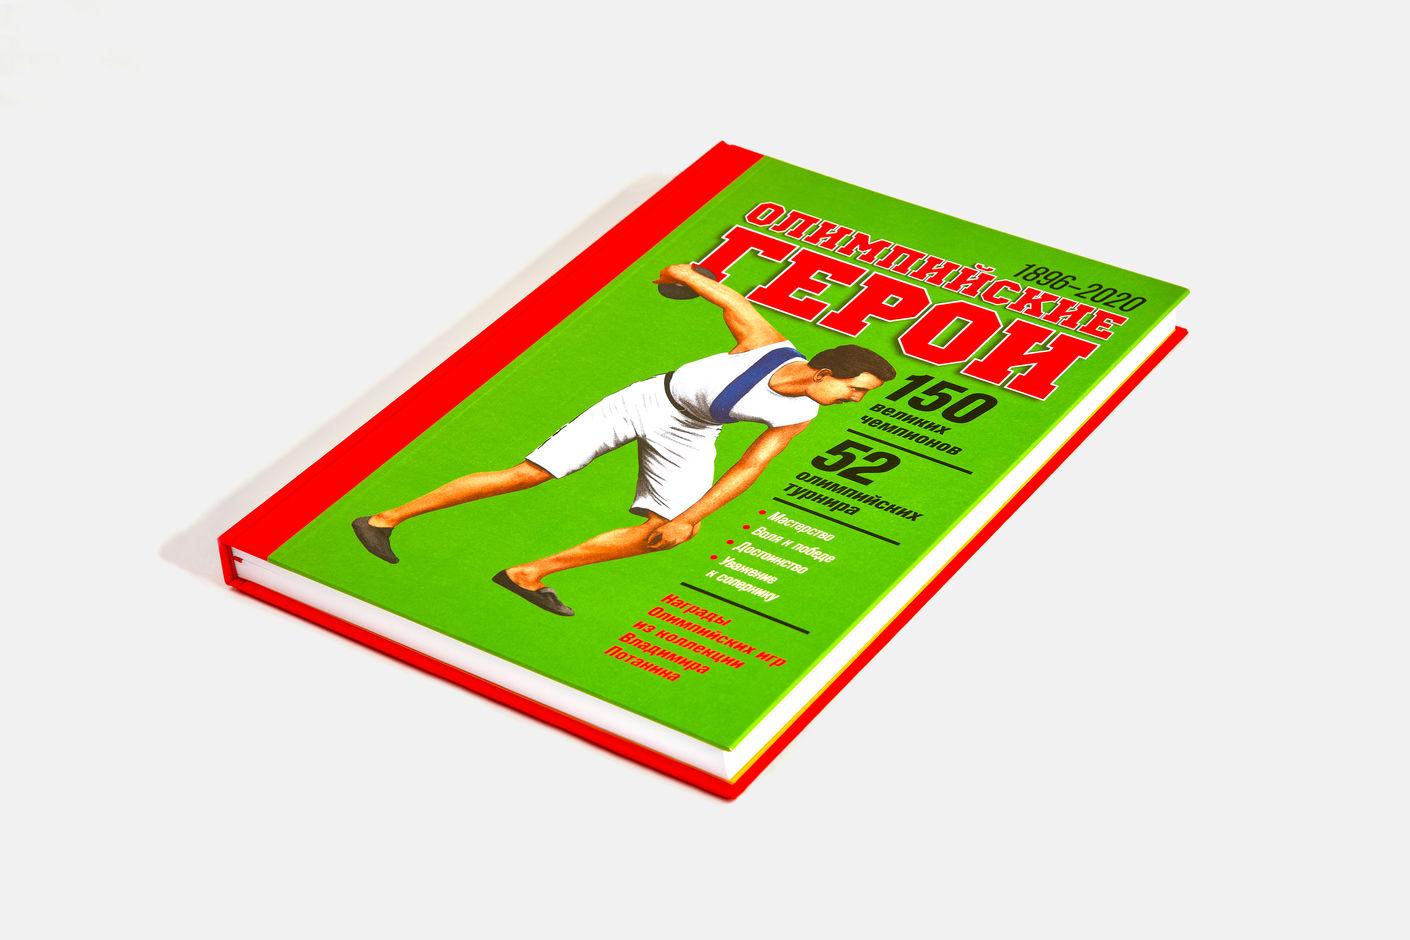 Подарочная книга Олимпийские герои, 2019, Агей Томеш, Лаборатория дизайна НИУ ВШЭ